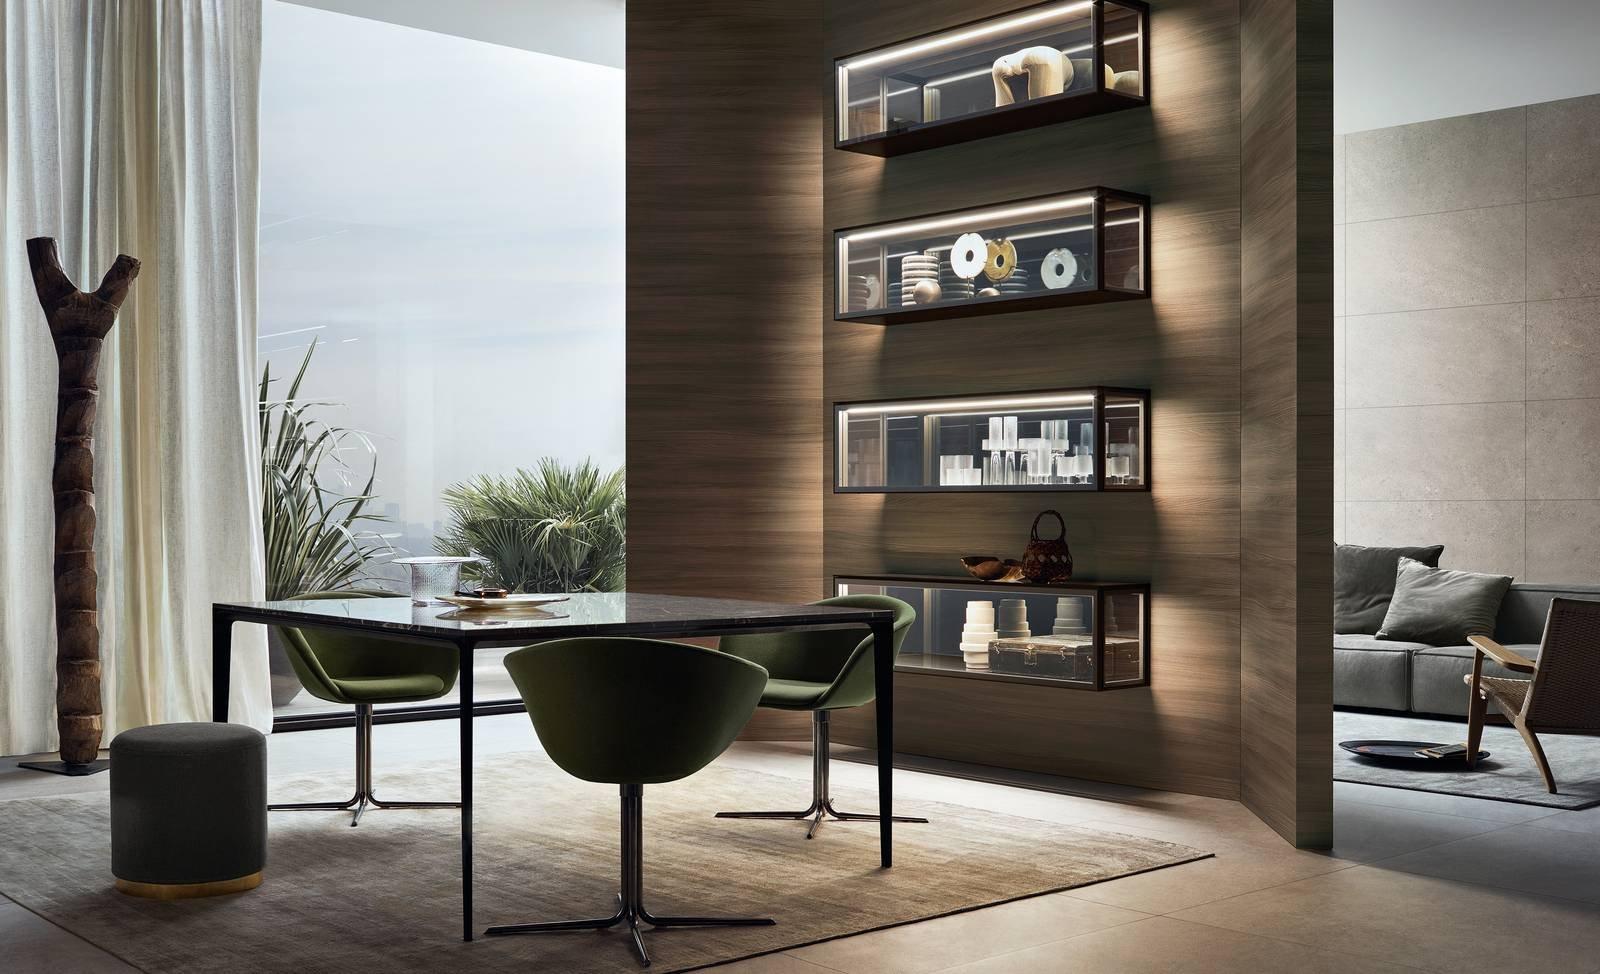 Arredare la casa dal soggiorno alla camera con mobili e porte dal design unico cose di casa - Rimadesio mobili ...